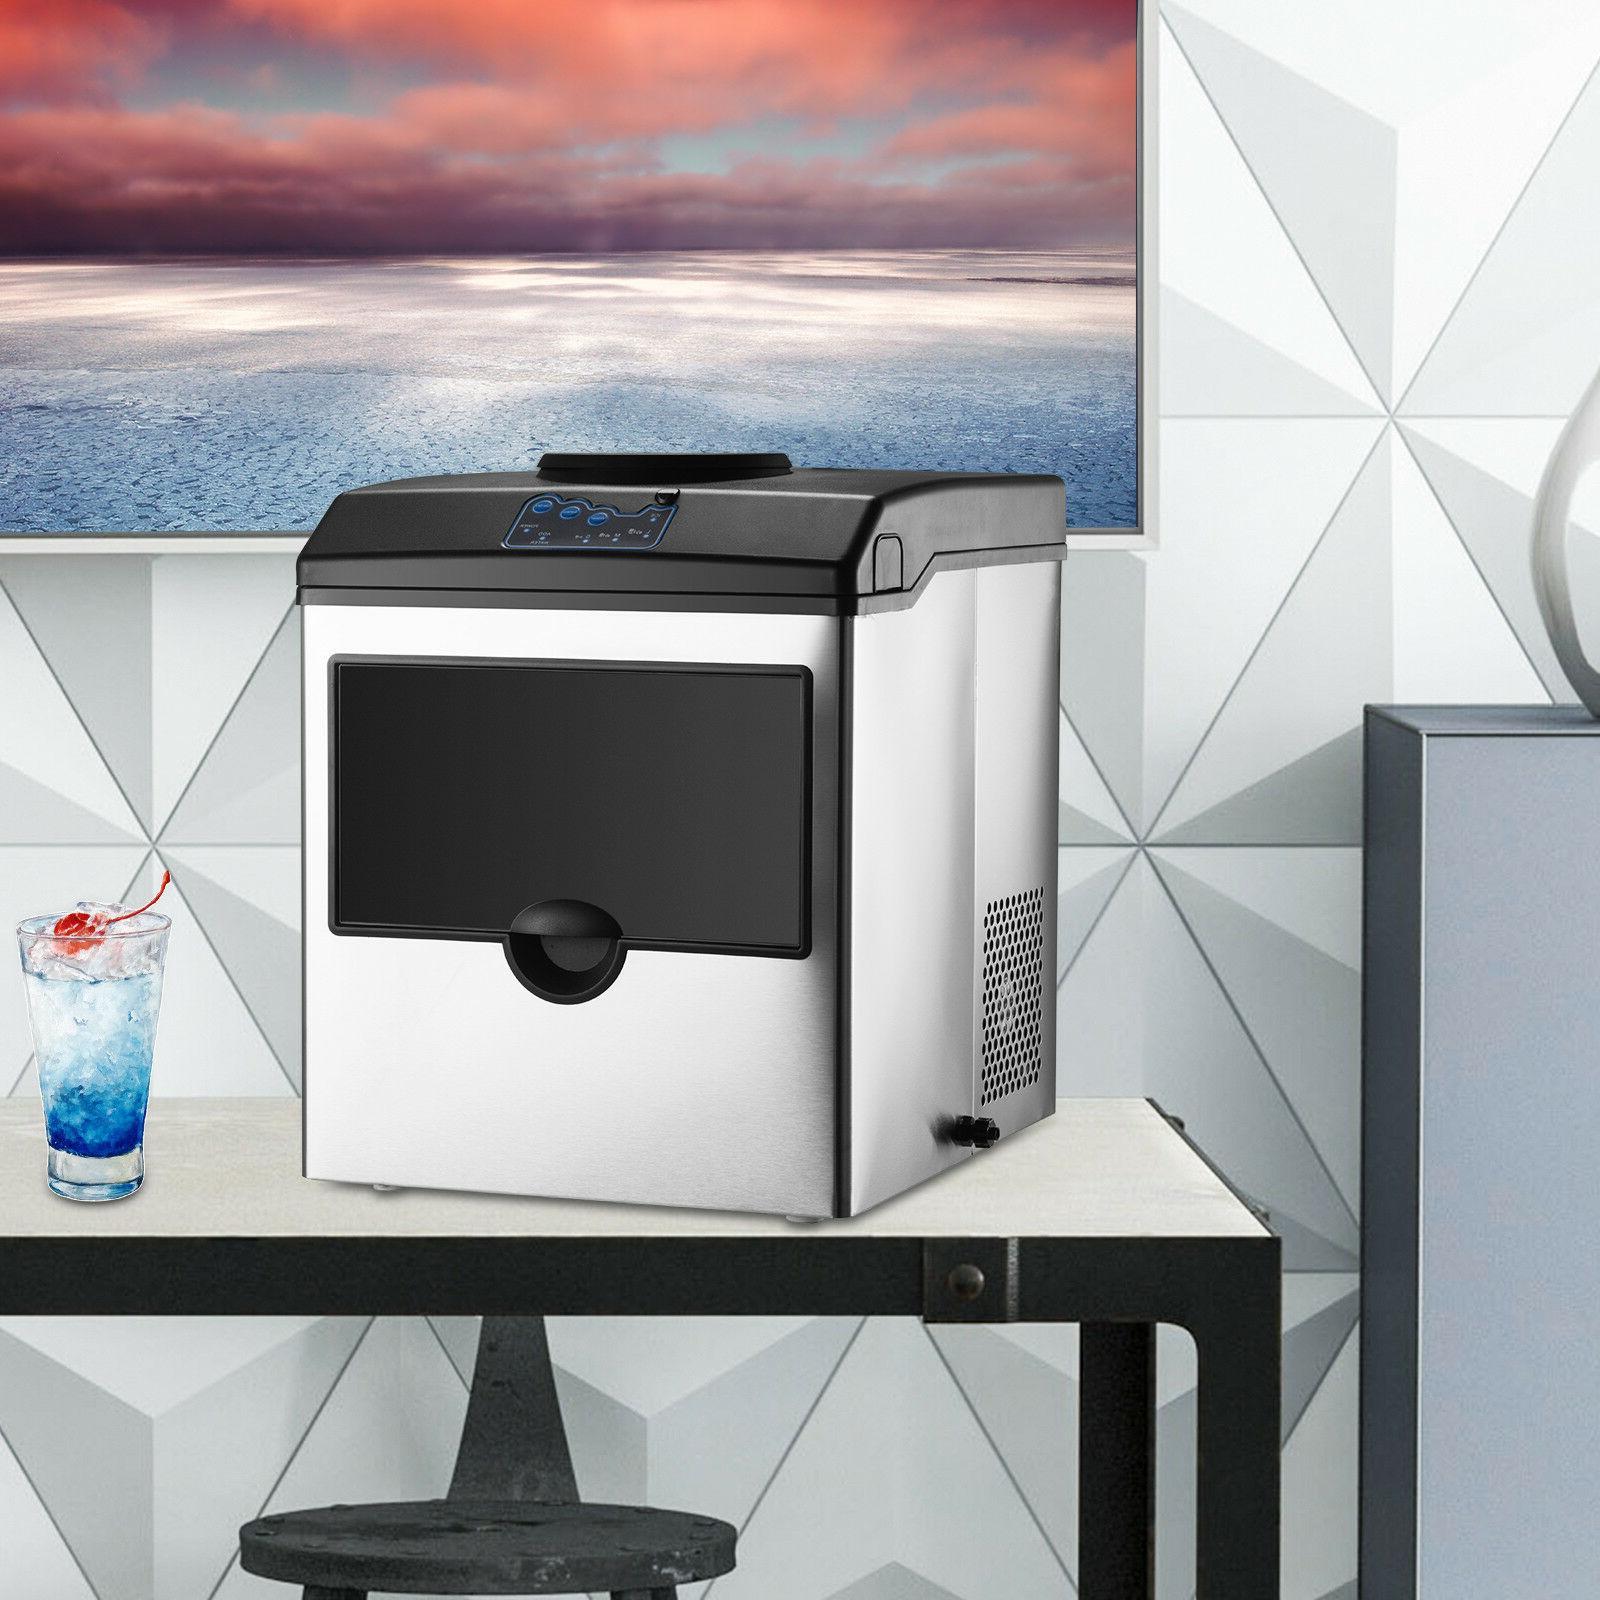 2in1 Built-In Water Dispenser Countertop